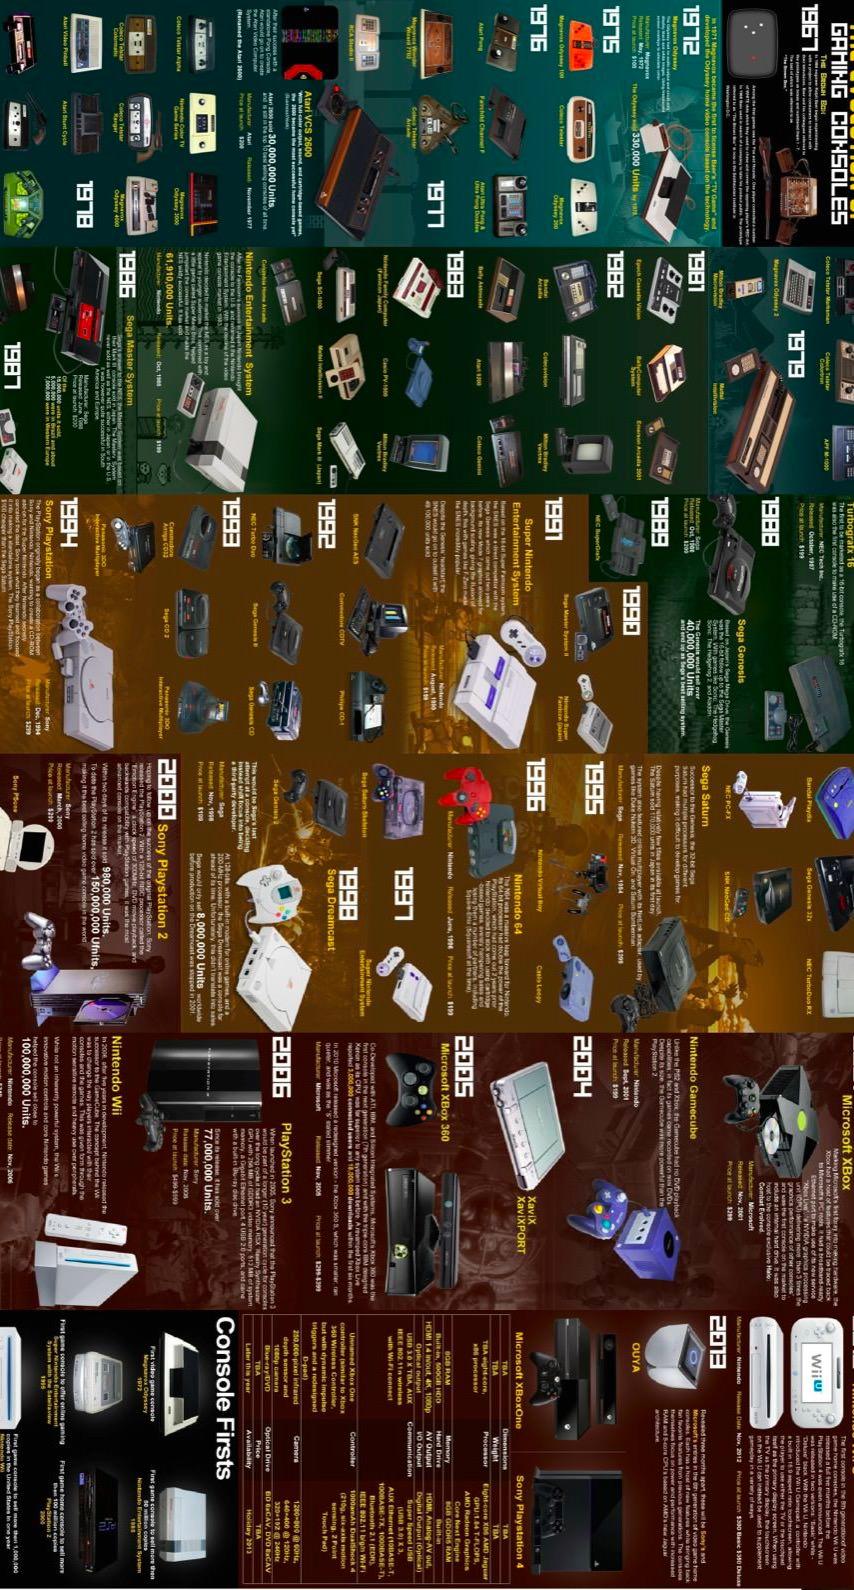 ゲーム機ユニーク Wallpaper Sc Iphone6s壁紙